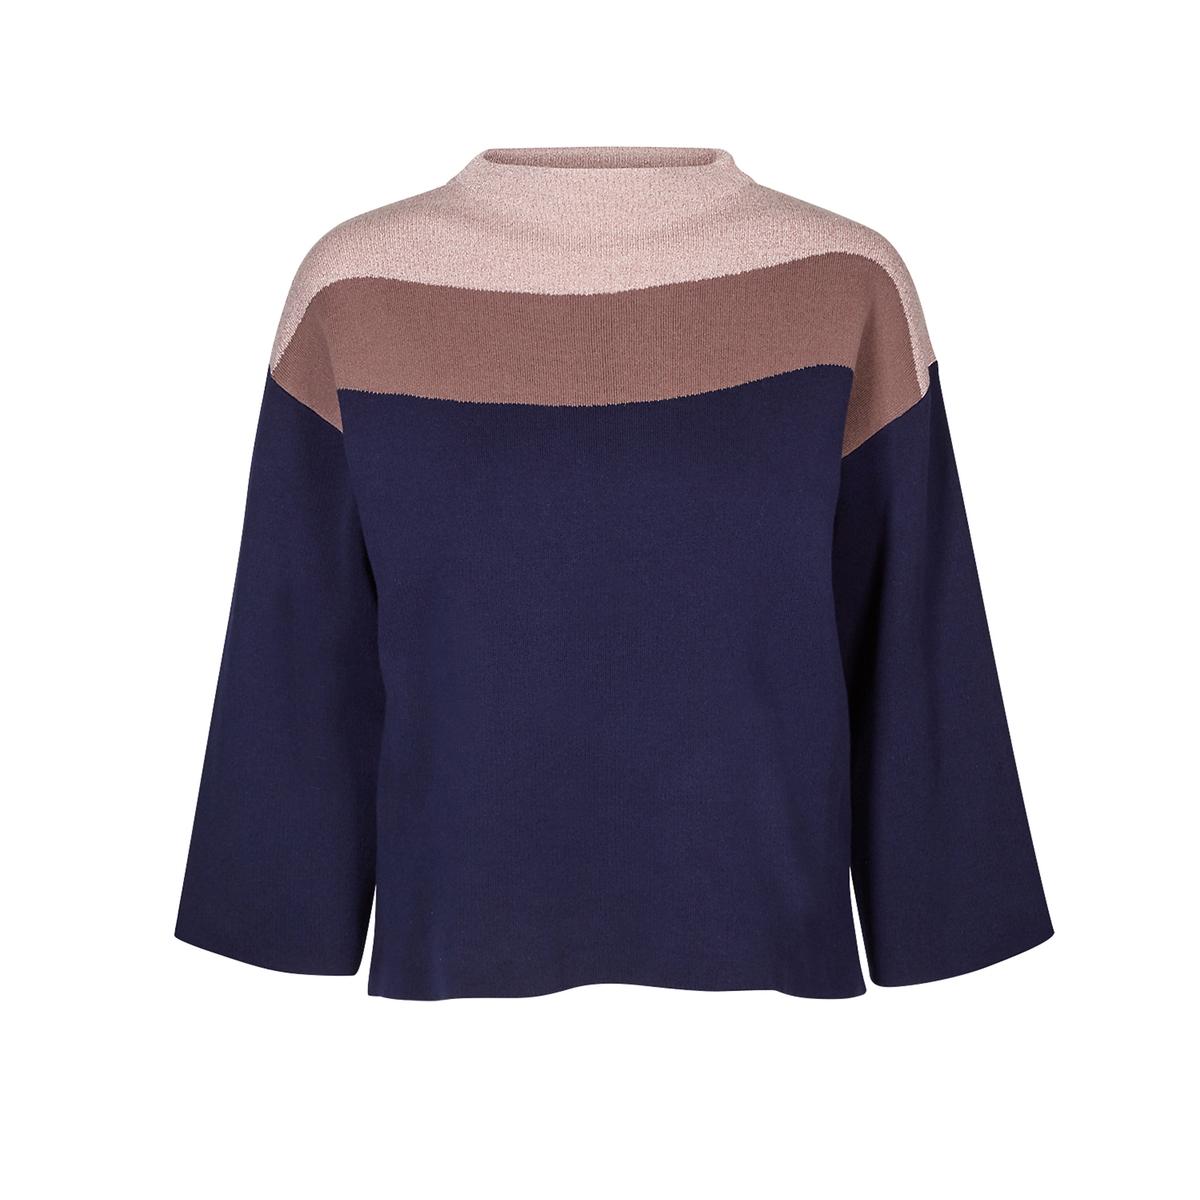 Пуловер трехцветныйОписание:Детали  •  Длинные рукава •  Круглый вырез •  Тонкий трикотаж  •  Рисунок в полоску  Состав и уход  •  97% хлопка, 3% эластана •  Следуйте советам по уходу, указанным на этикетке<br><br>Цвет: в полоску синий/розовый<br>Размер: M.XL.XS